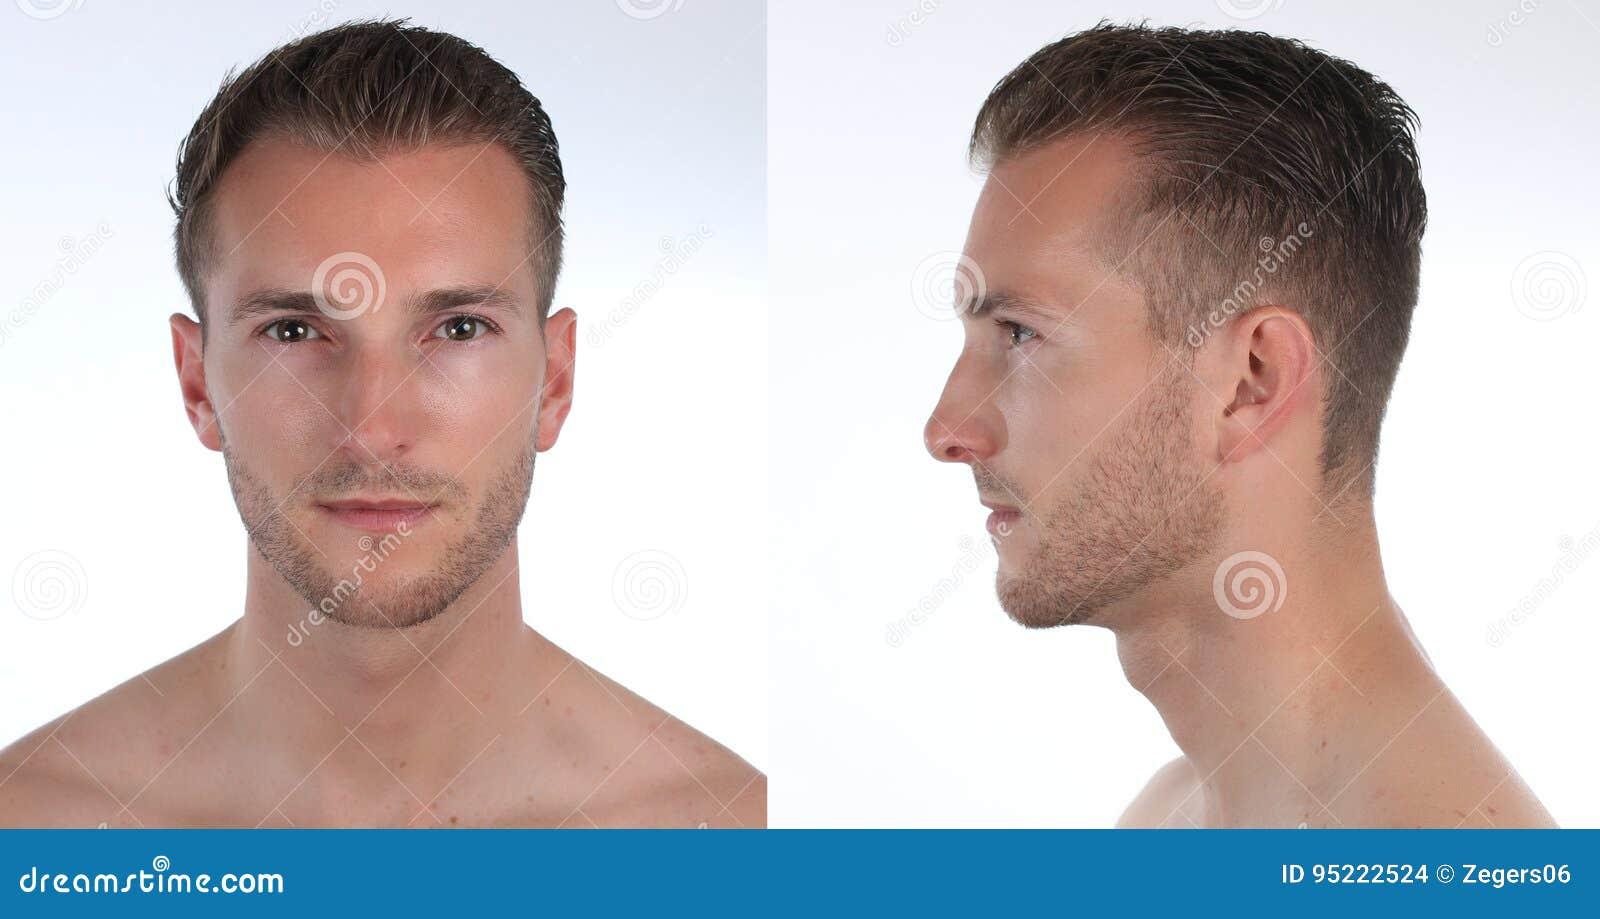 Retrato de um homem, de um perfil e de uma cara consideráveis Criação de um caráter 3D virtual ou de um avatar